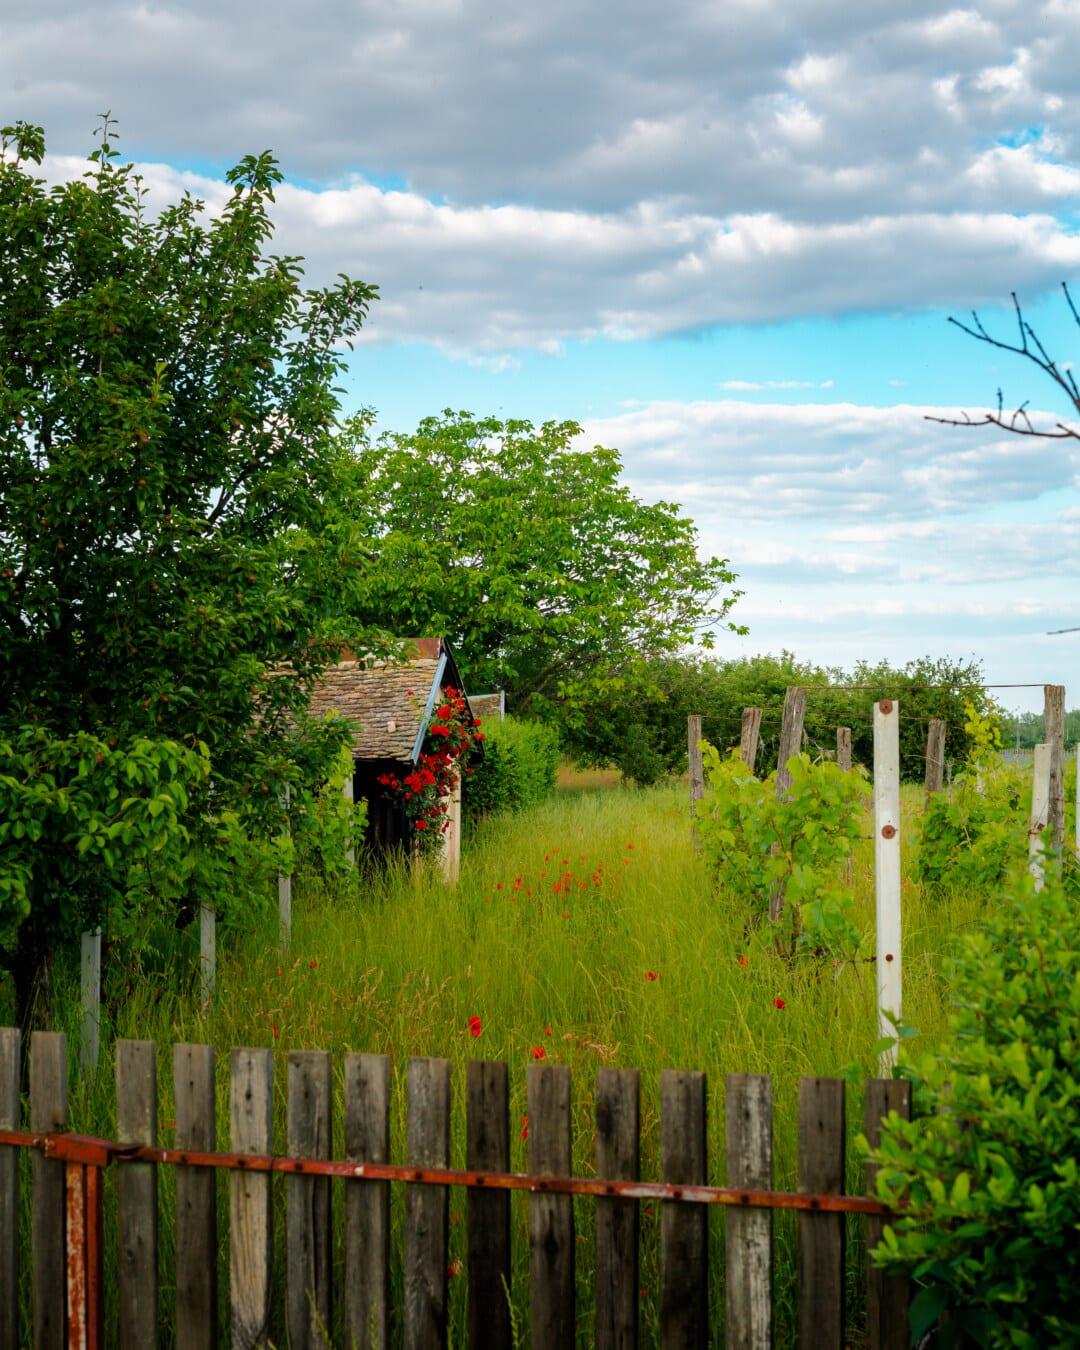 Bauernhaus, Bauernhof, verlassen, des ländlichen Raums, Obstgarten, Landschaft, Struktur, Lattenzaun, Zaun, Haus